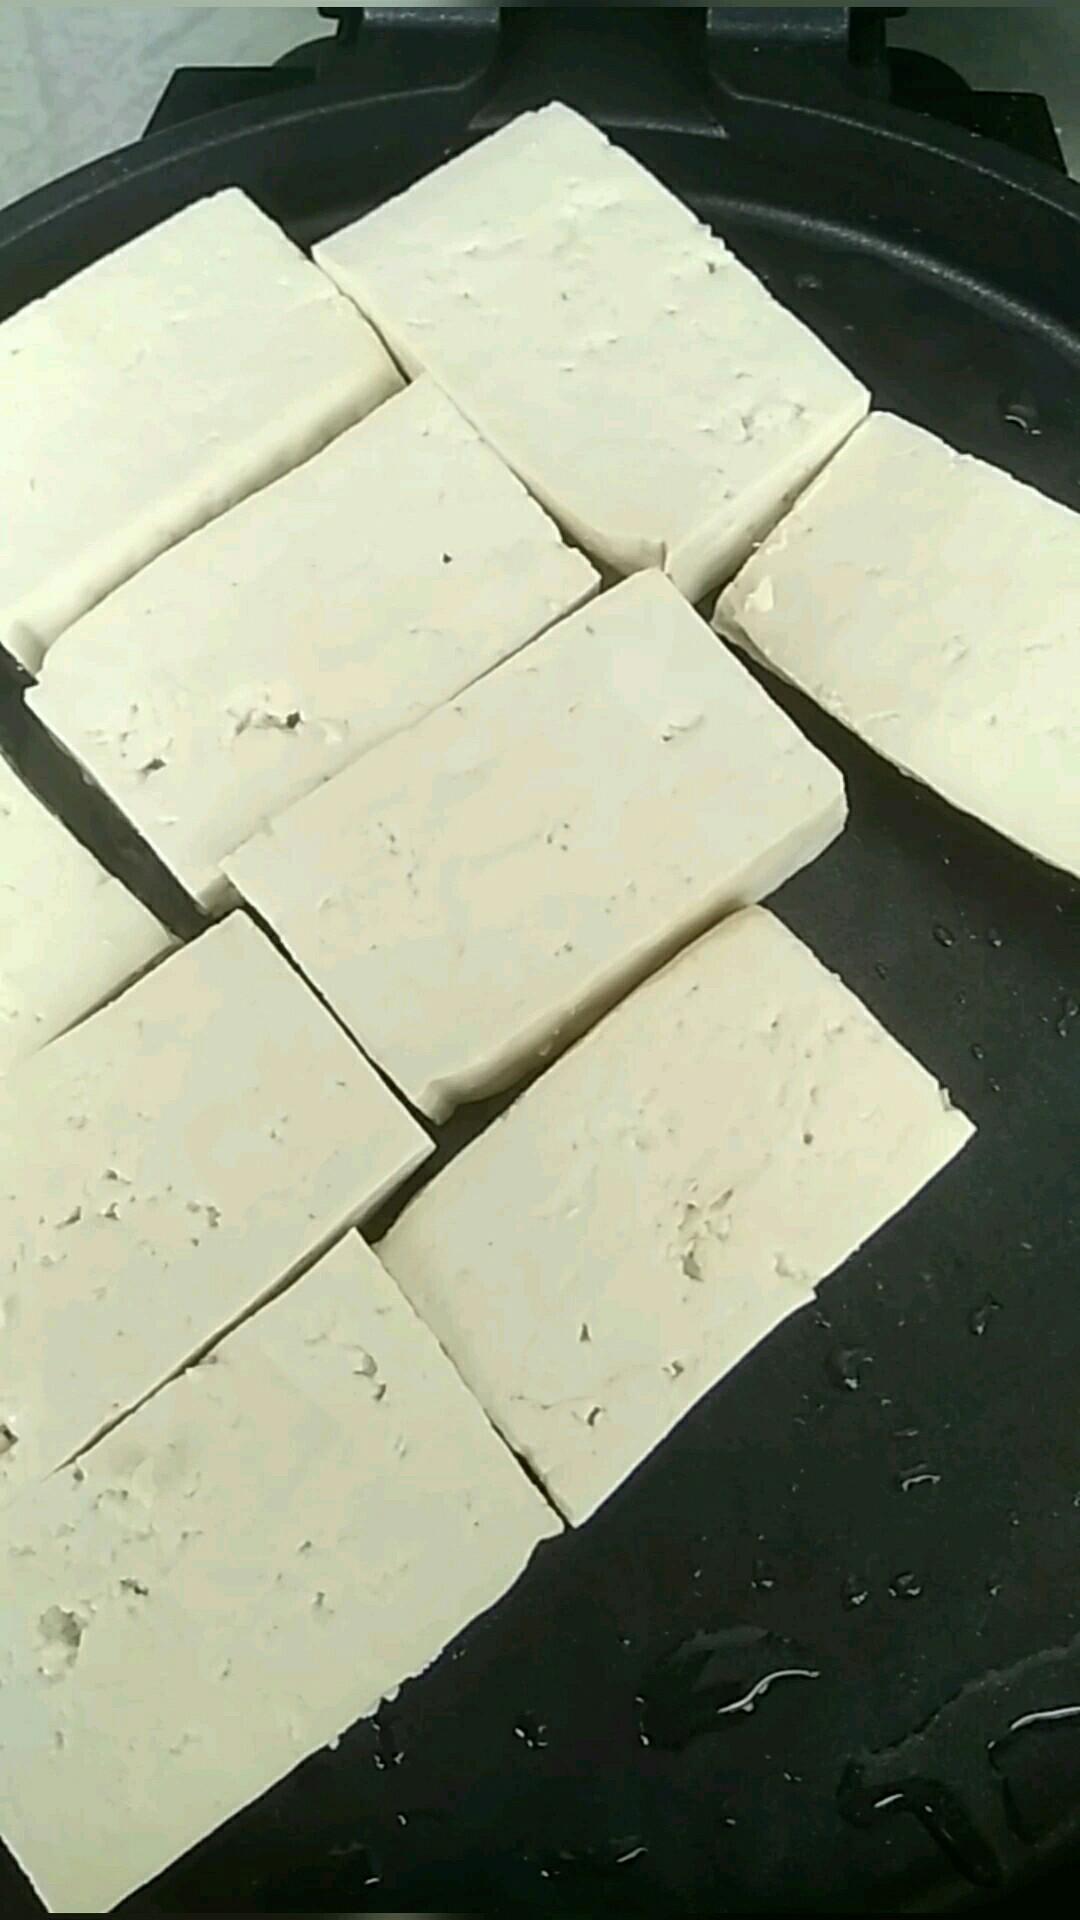 豆腐这样吃 很香的简单做法